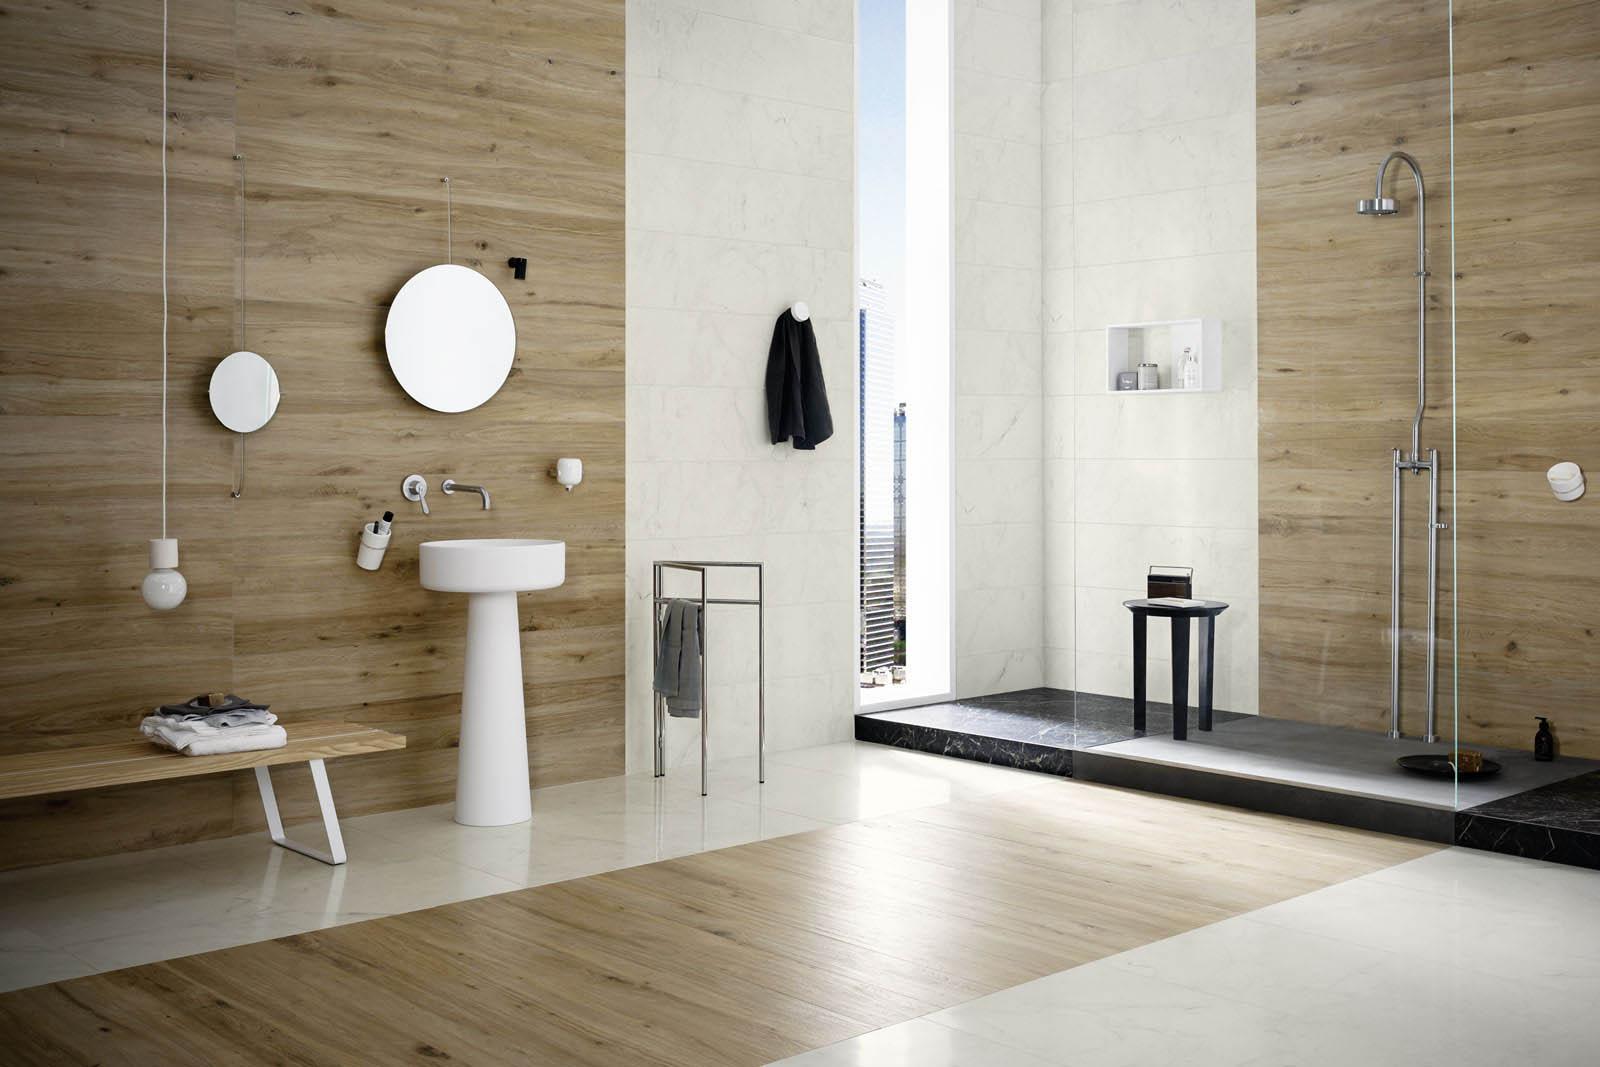 Bagno effetto marmo e legno rivestimenti e pavimenti per il bagno